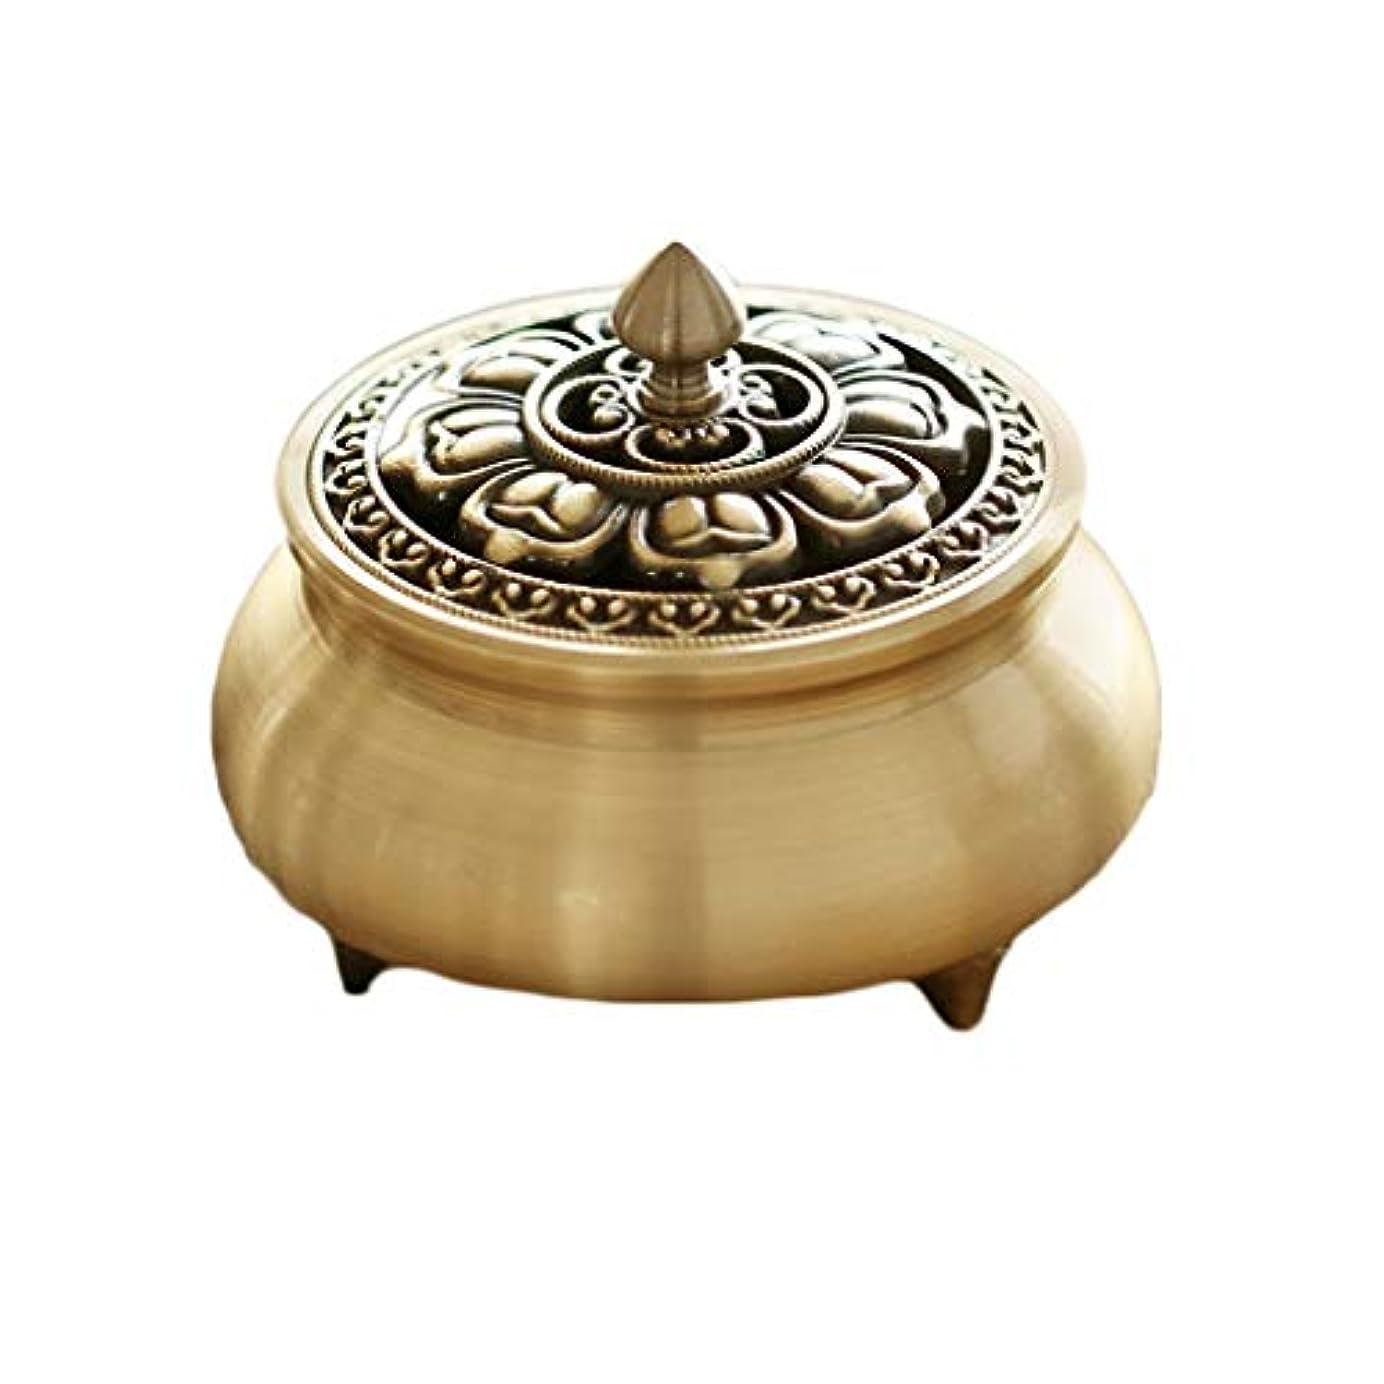 剣花瓶謙虚な芳香器?アロマバーナー 純粋な銅香炉ホームアンティーク白檀用仏寒天香炉香り装飾アロマセラピー炉 アロマバーナー (Color : Brass)